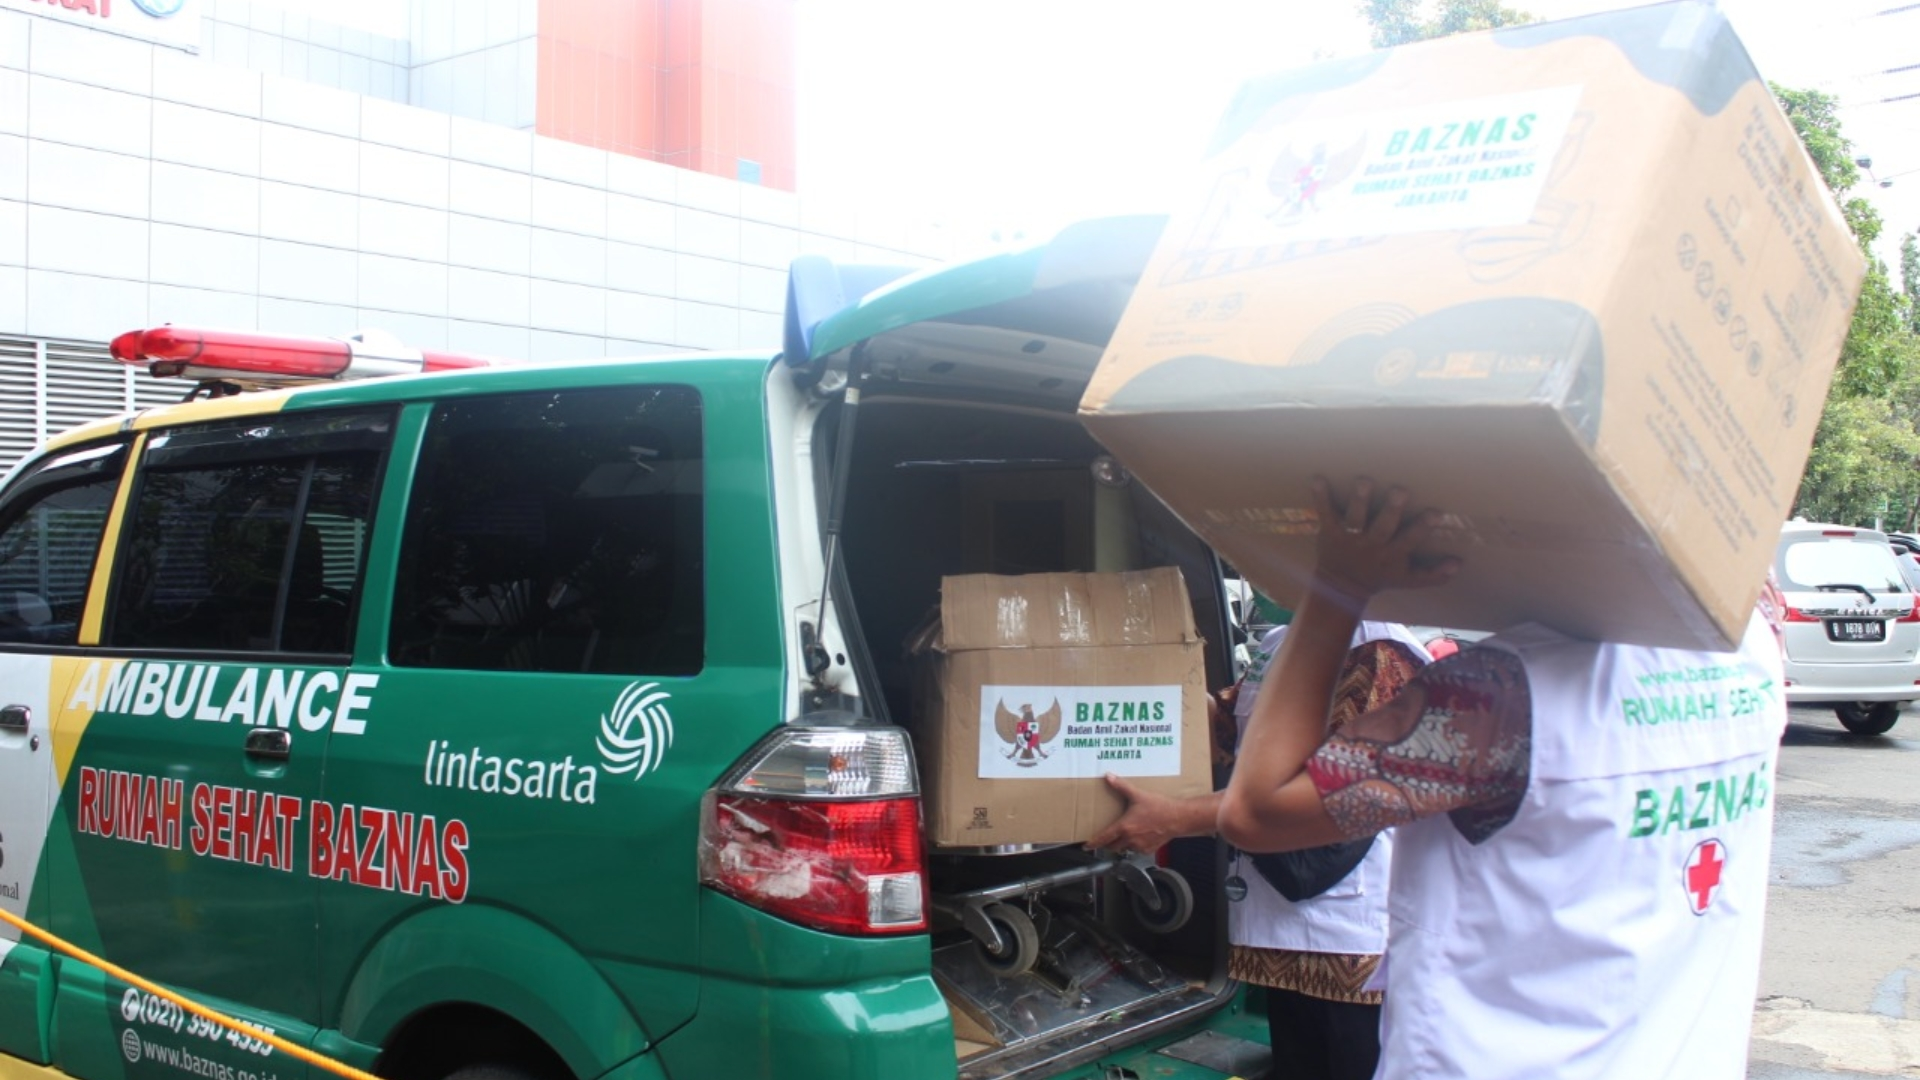 BAZNAS Distribusikan 10 Ribu Masker untuk Tenaga Kesehatan di RSUP Persahabatan